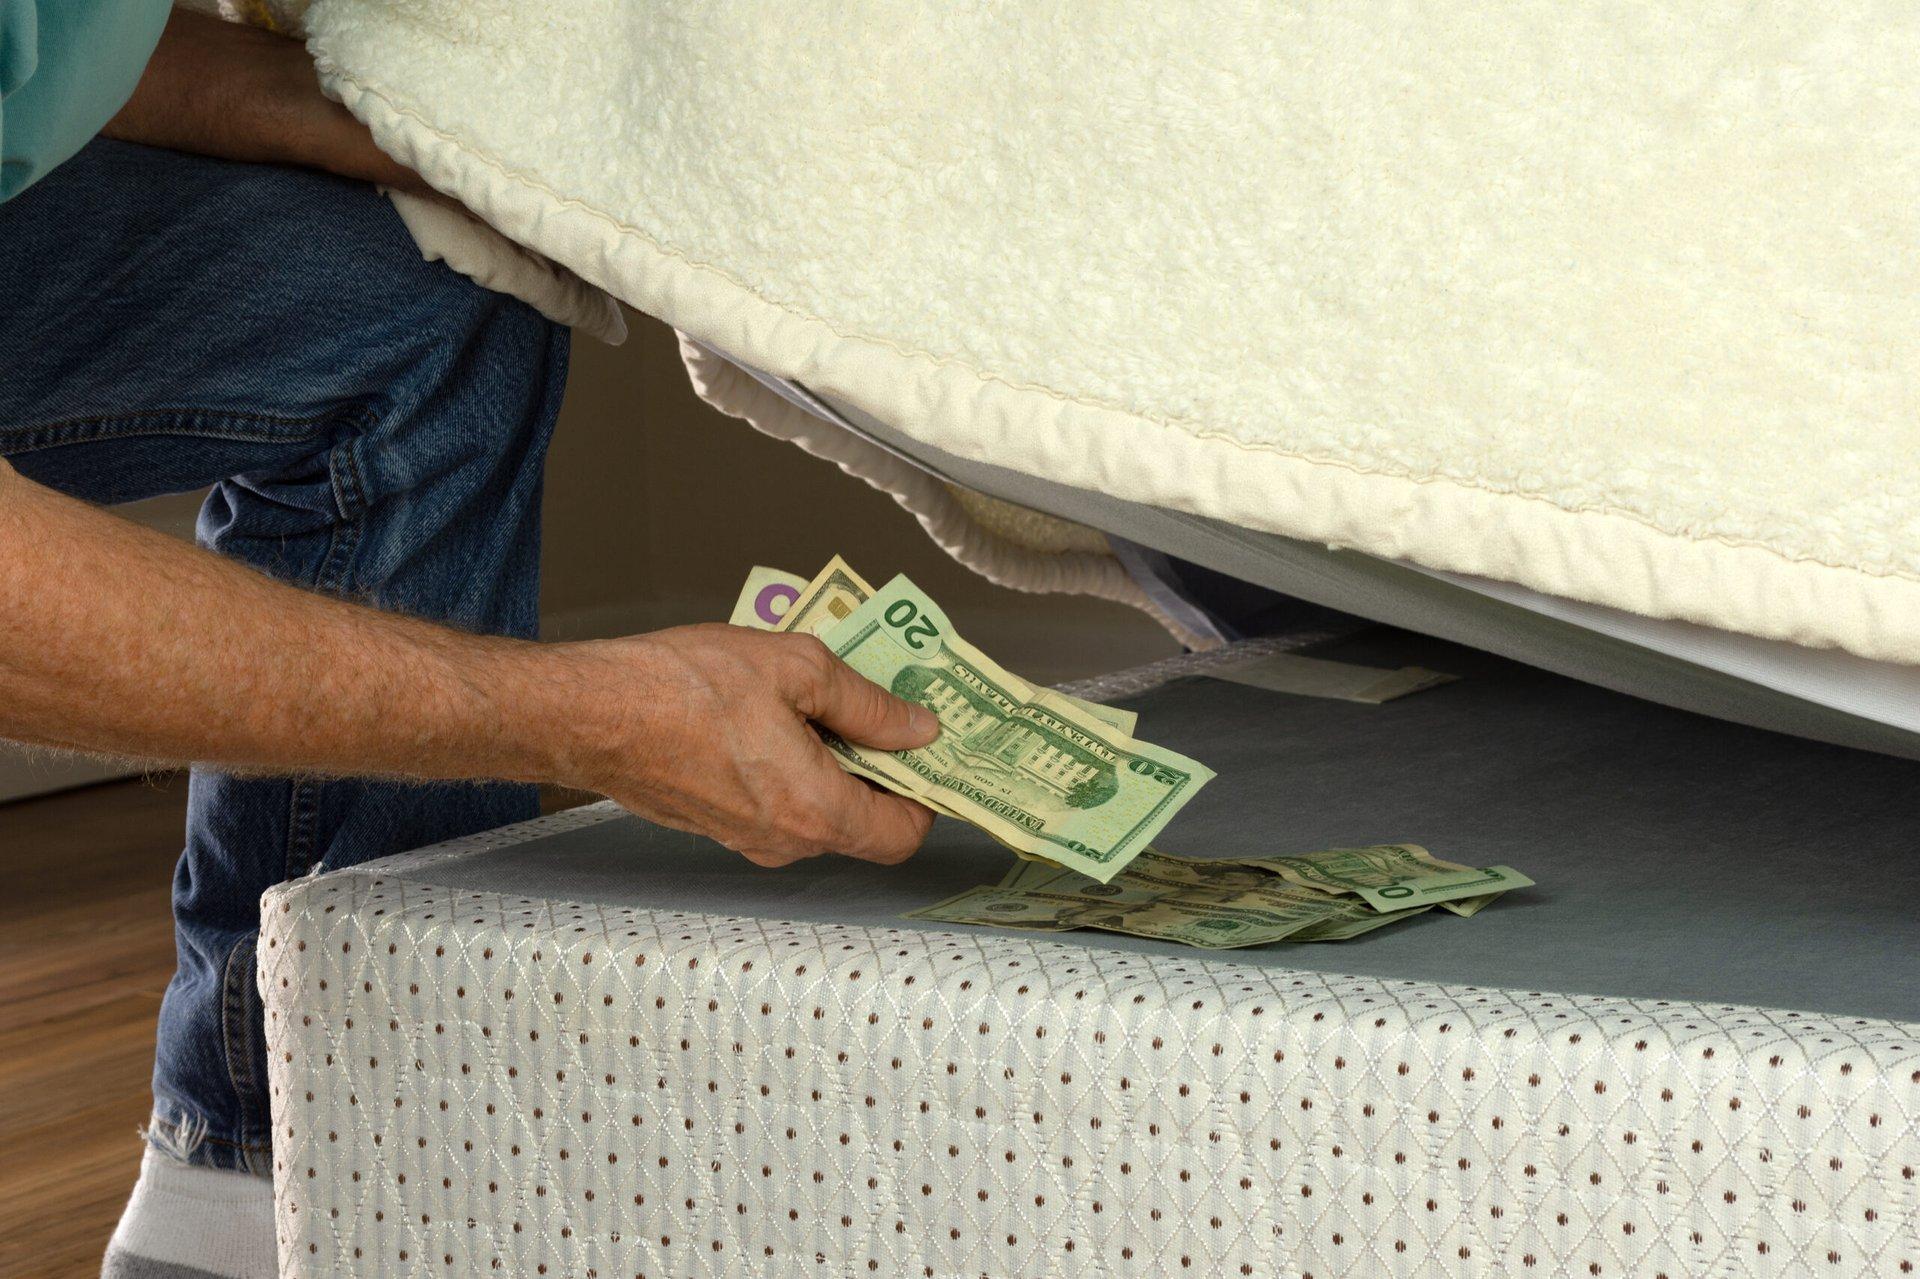 Man hiding cash under a mattress